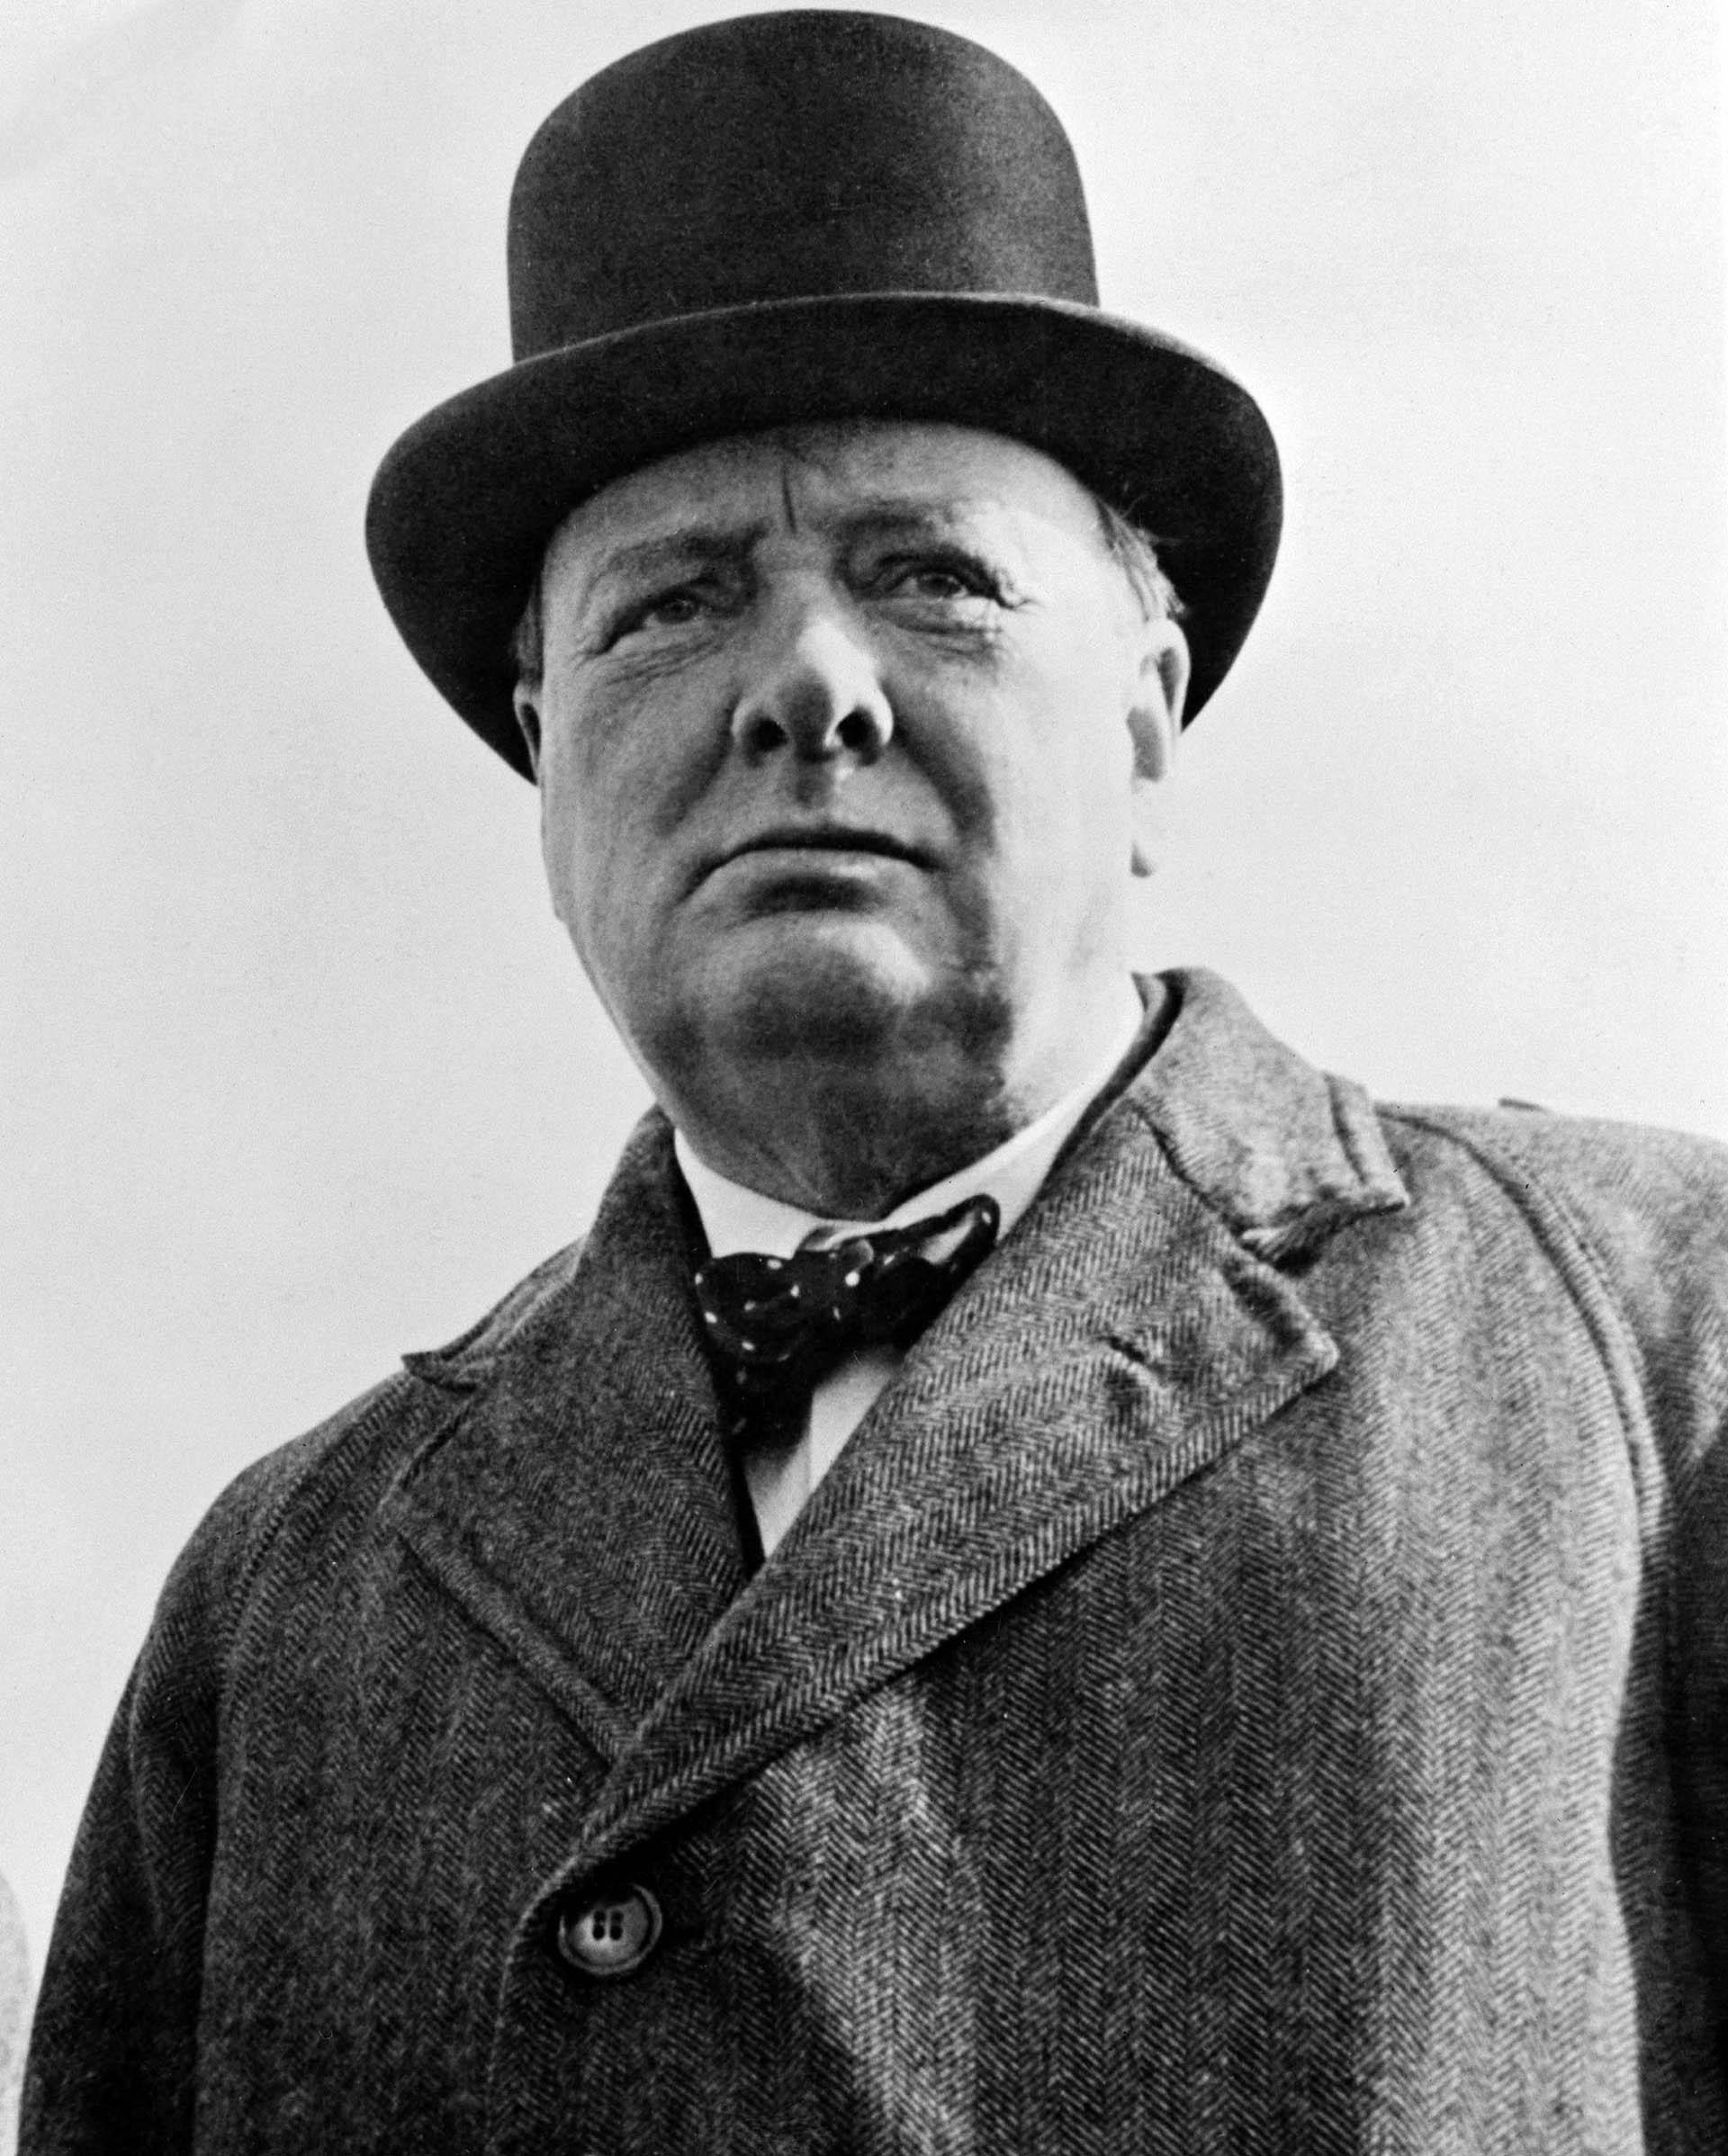 La Storia del Papillon ed il ruolo di Winston Churchill